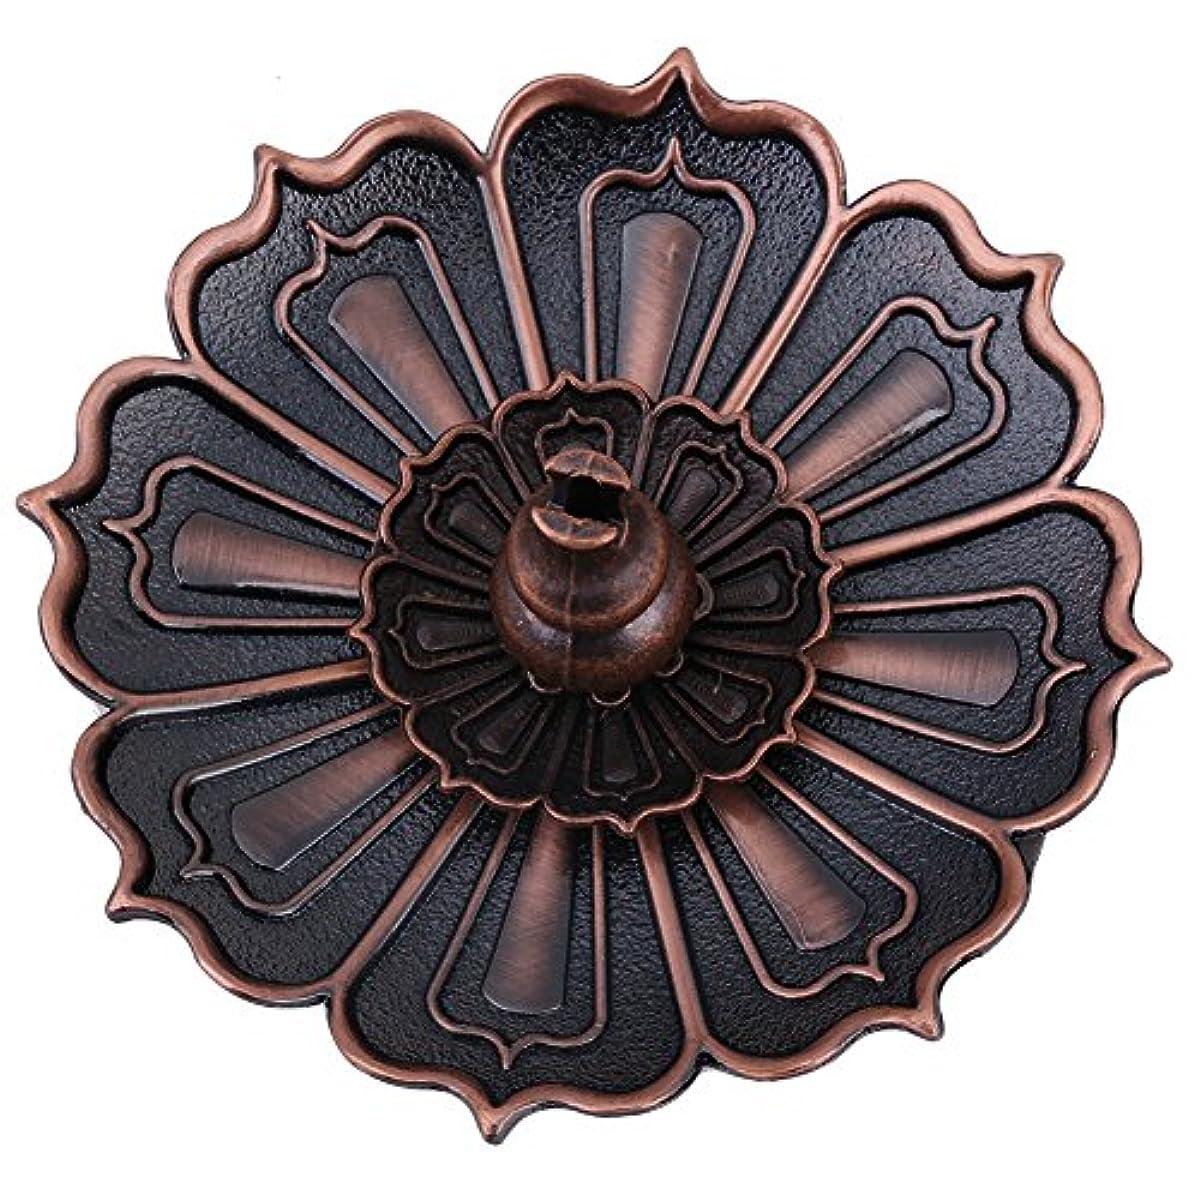 里親モナリザ変装した蓮の香プレートホルダーヴィンテージ香バーナーカバーブロンズ蓮の花とひょうたん型お香ホルダー装飾風水